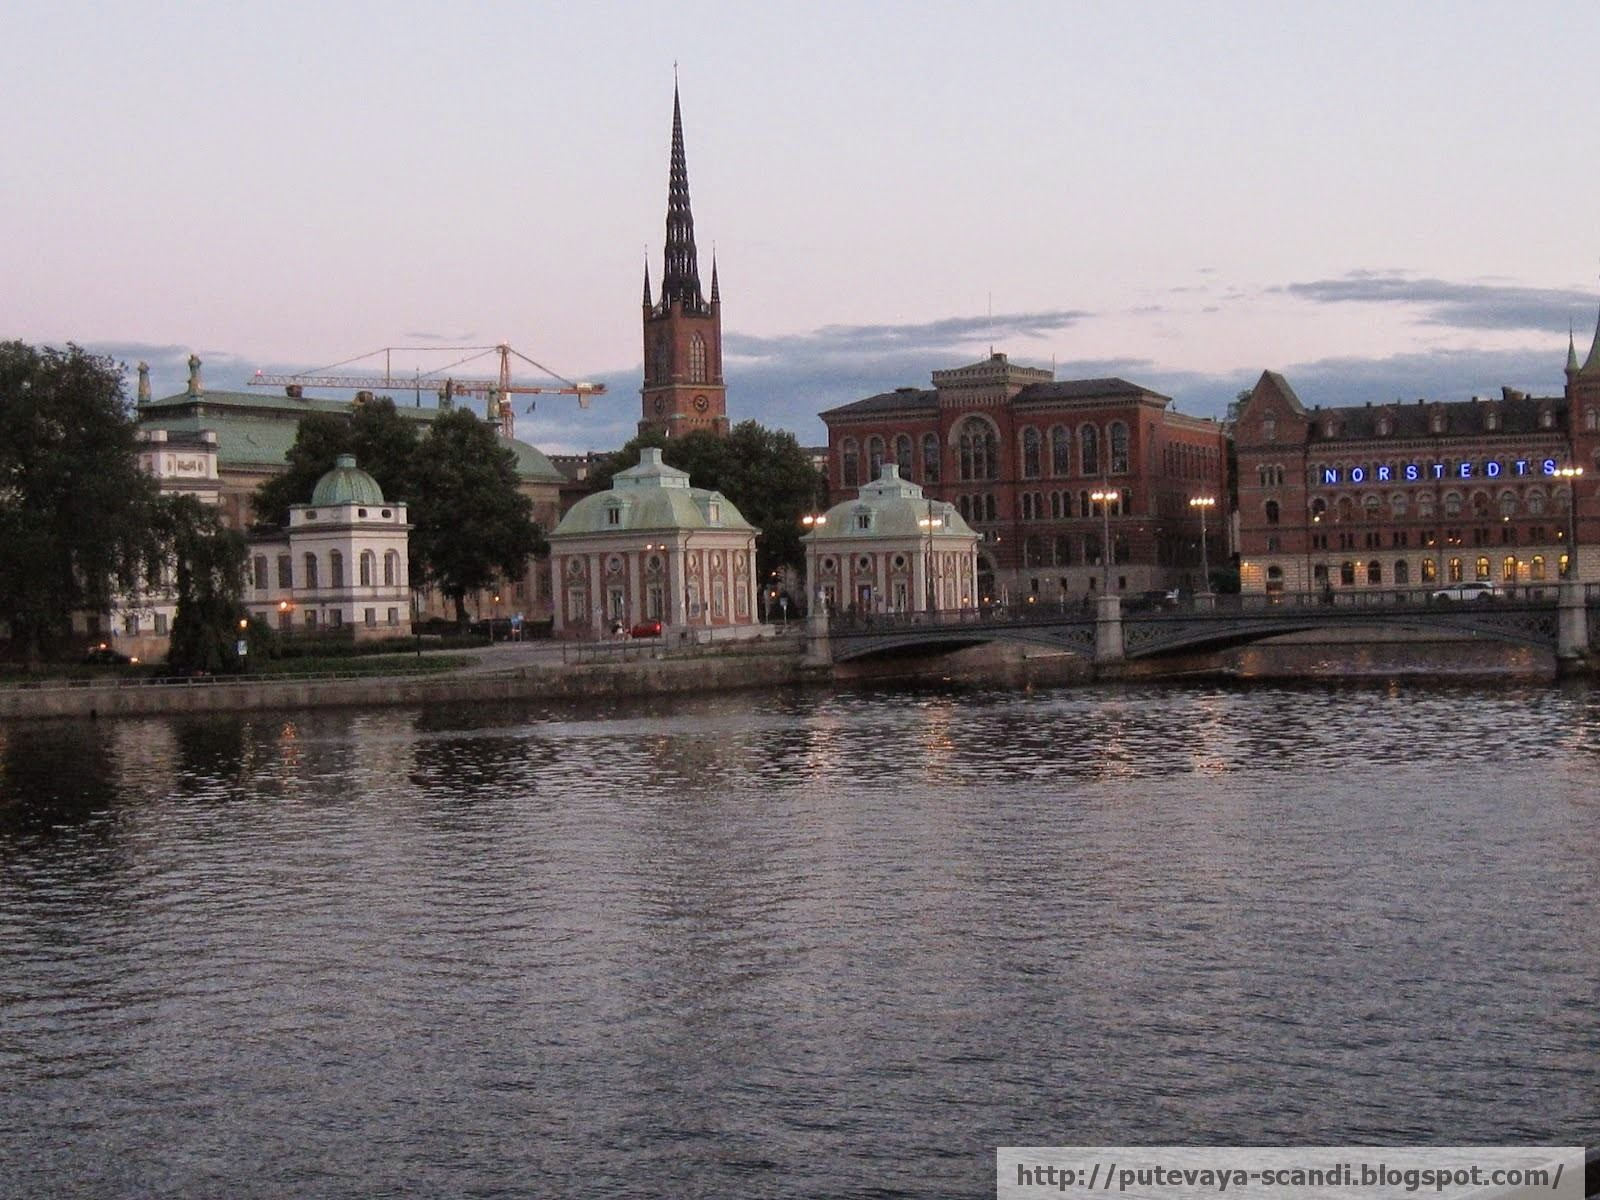 Stockholm soon falls asleep